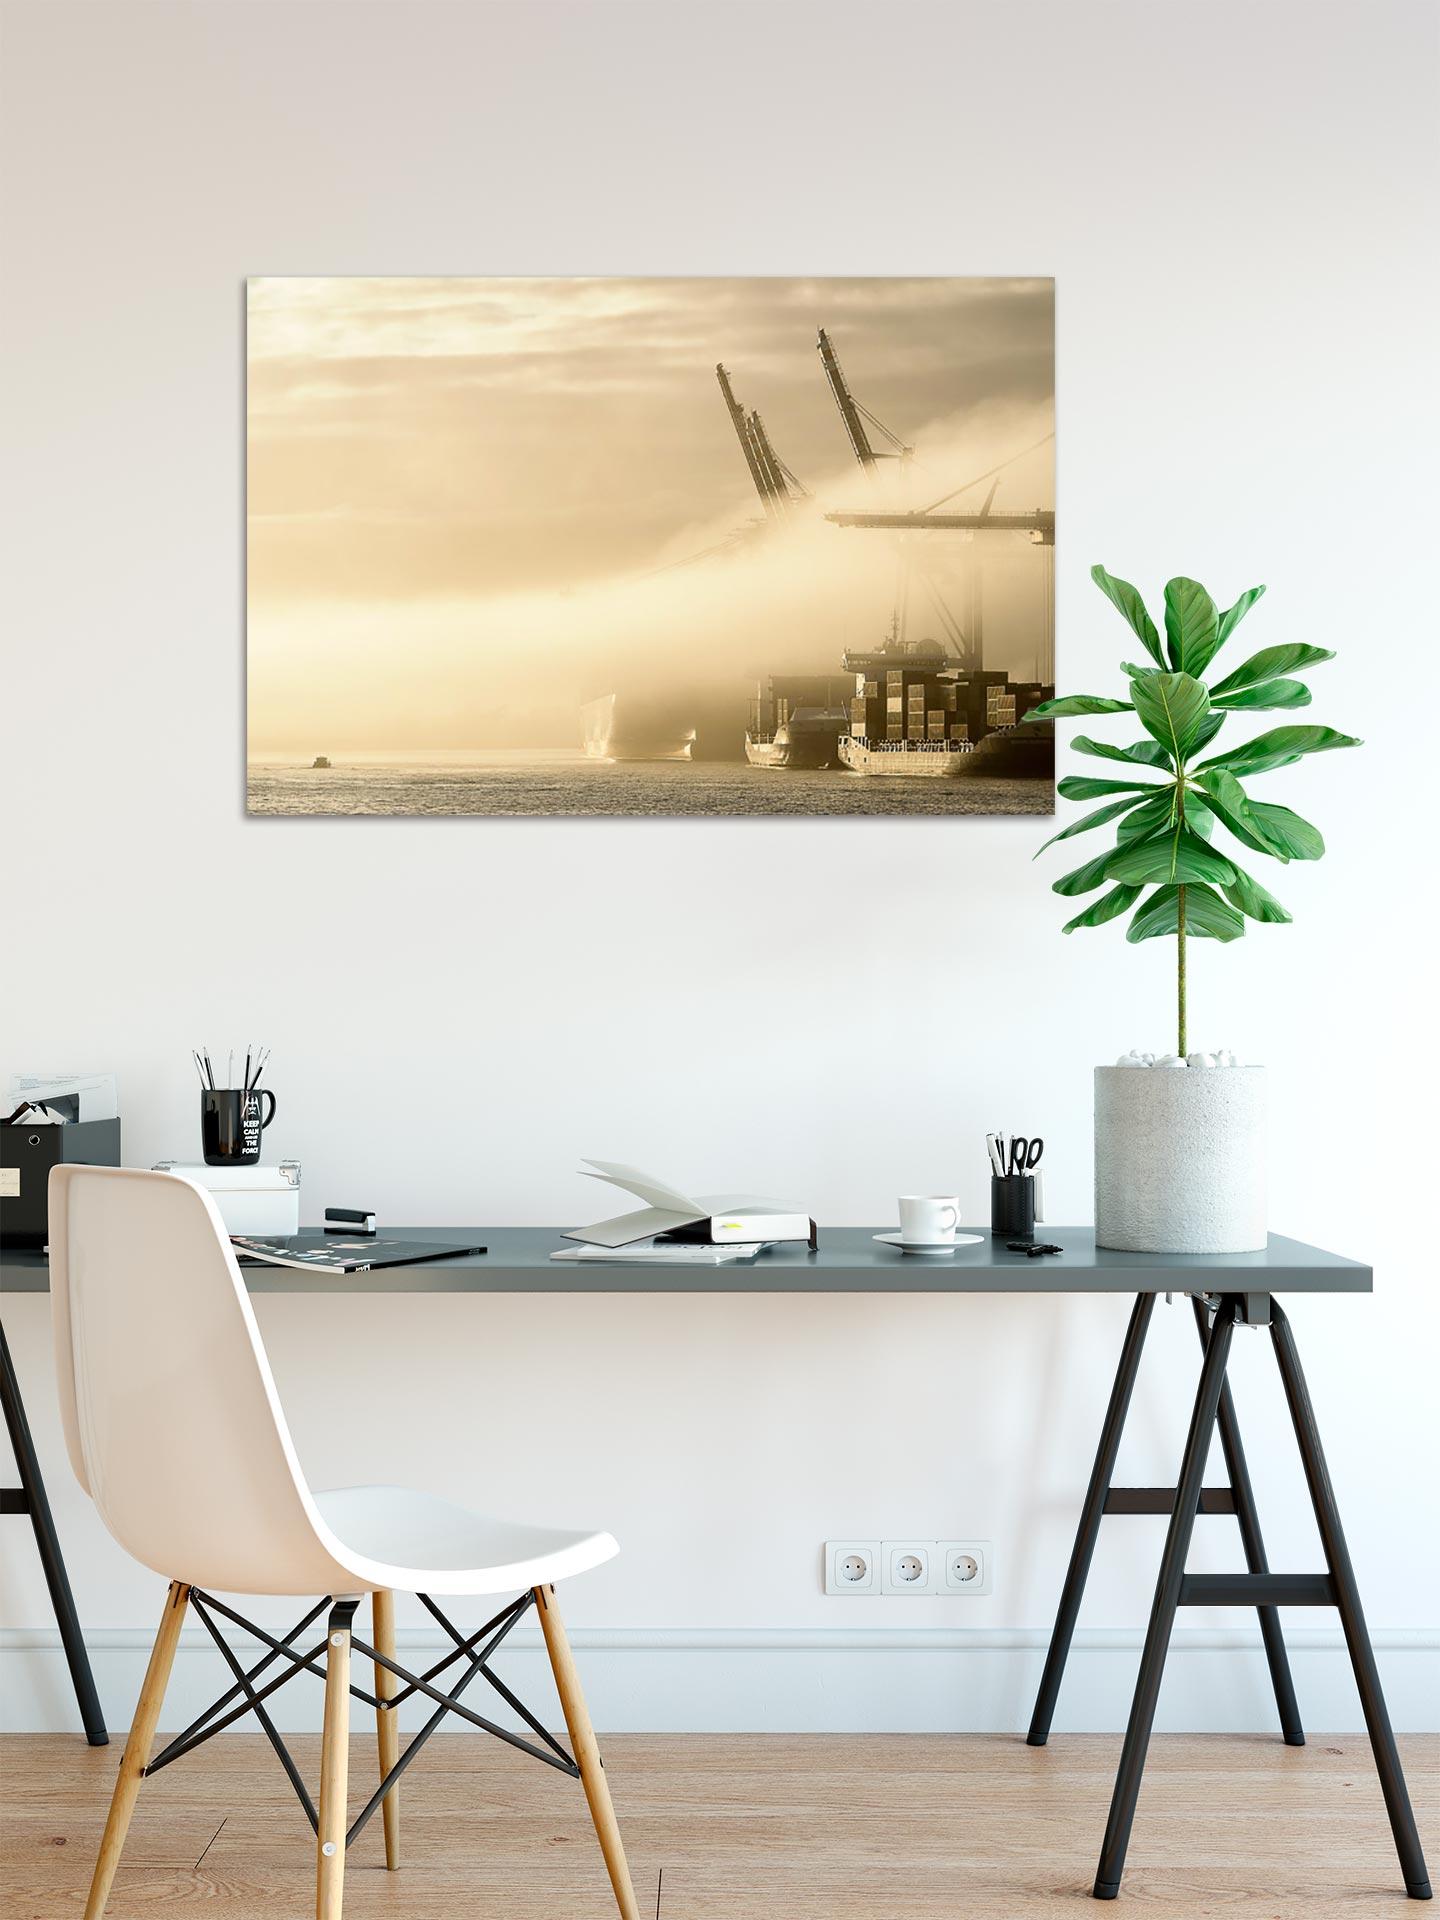 LCW229-hamburg-wandbild-bild-auf-leinwand-acrylglas-aludibond-arbeitszimmer